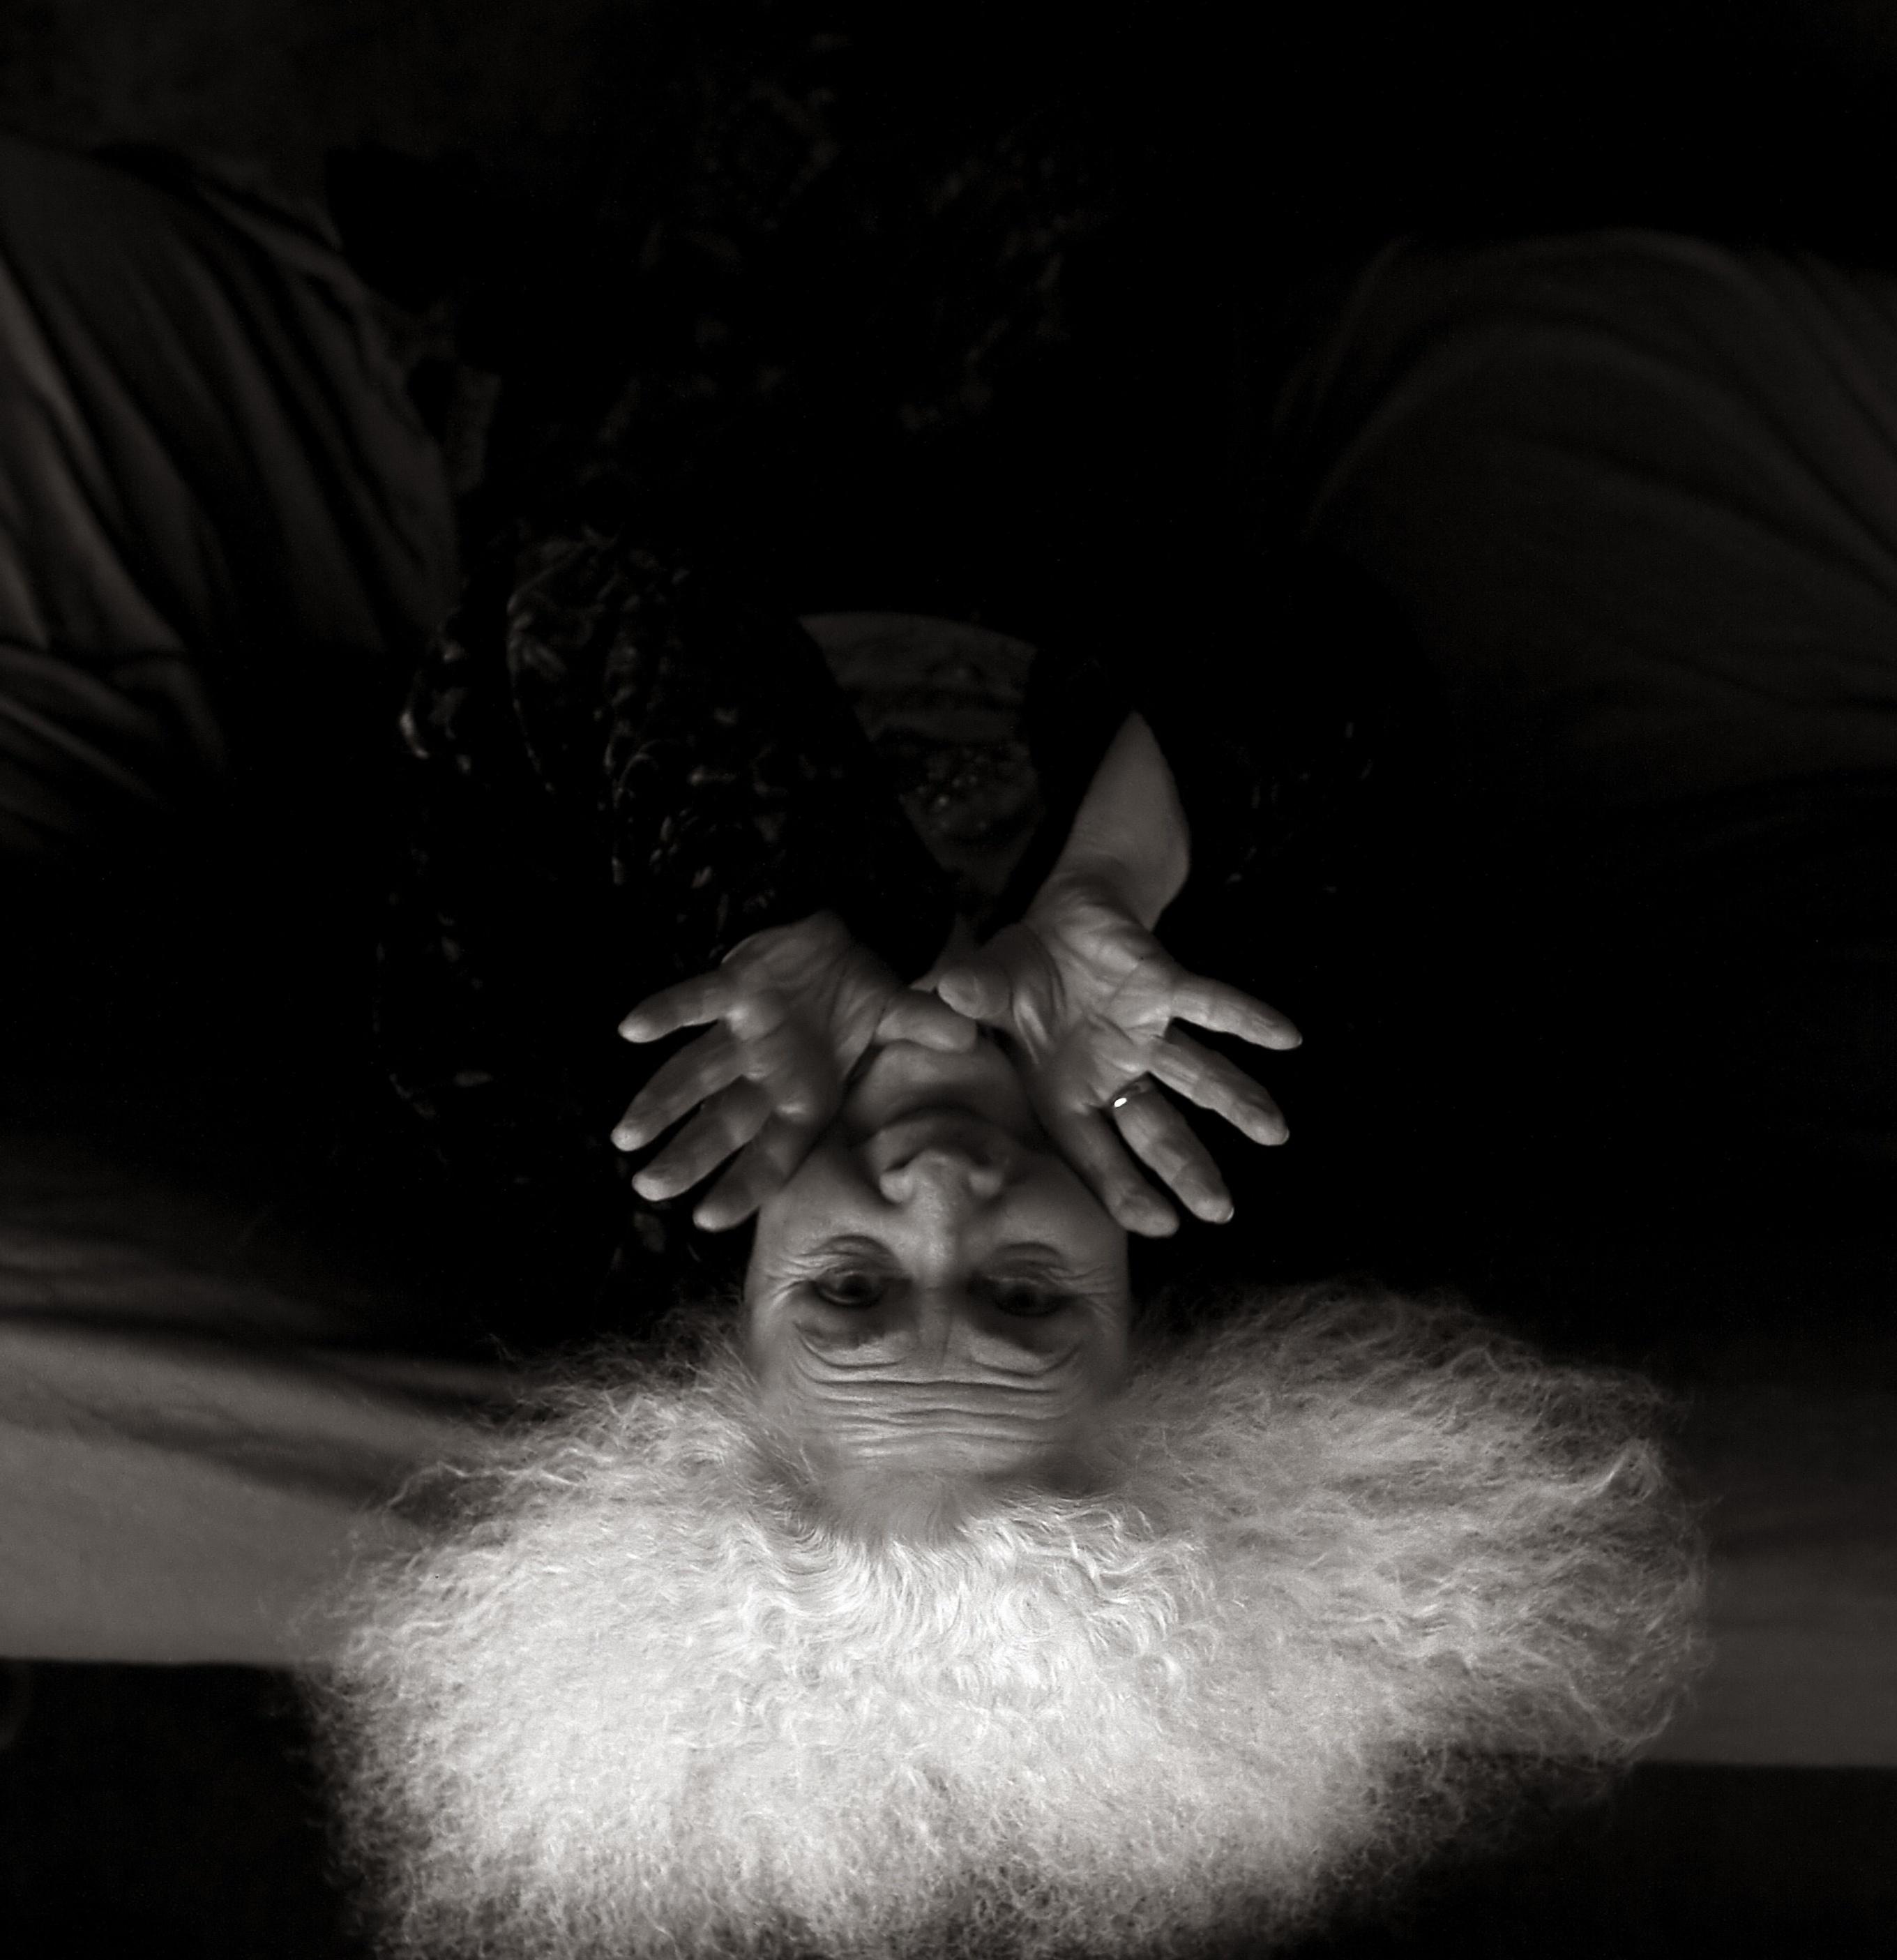 Yksityiskohta valokuvataiteilija Pertti Nisosen teoksesta.